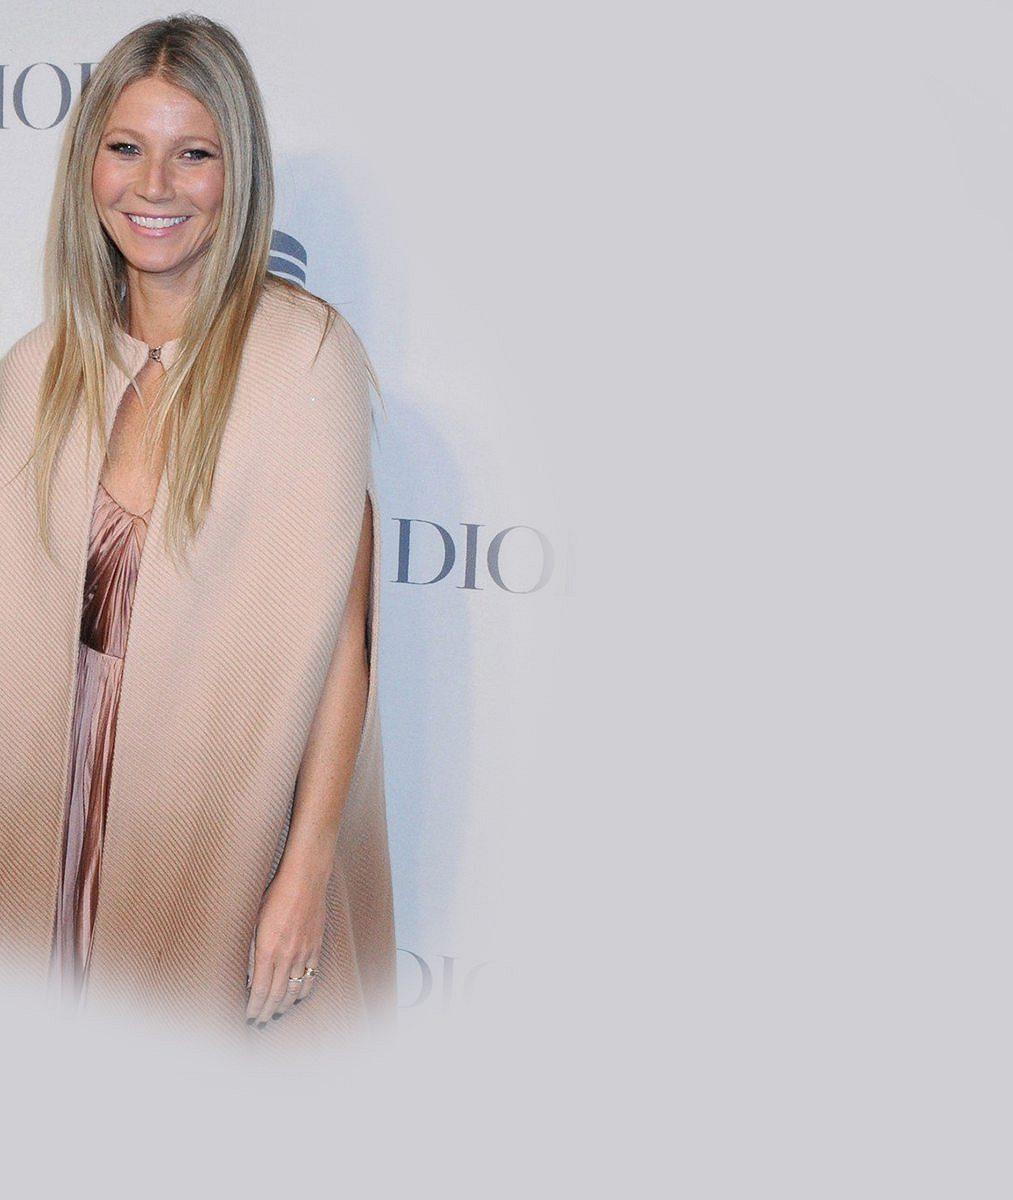 Gwyneth Paltrow popsala zkušenosti sdrogami: Vyplavala stará traumata ahodně jsem plakala